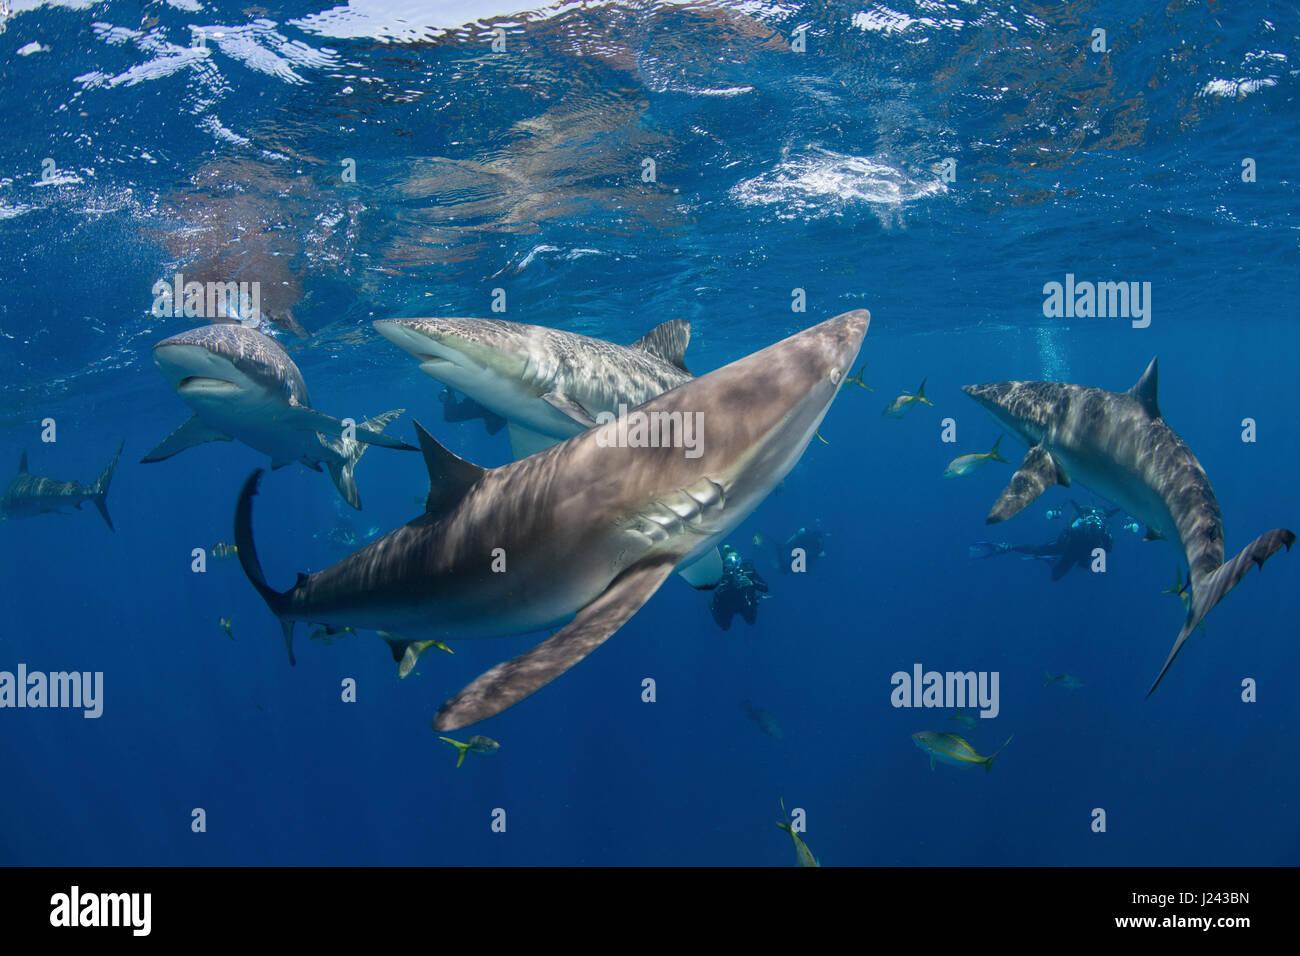 Los fotógrafos submarinos con tiburones sedosos. Foto de stock